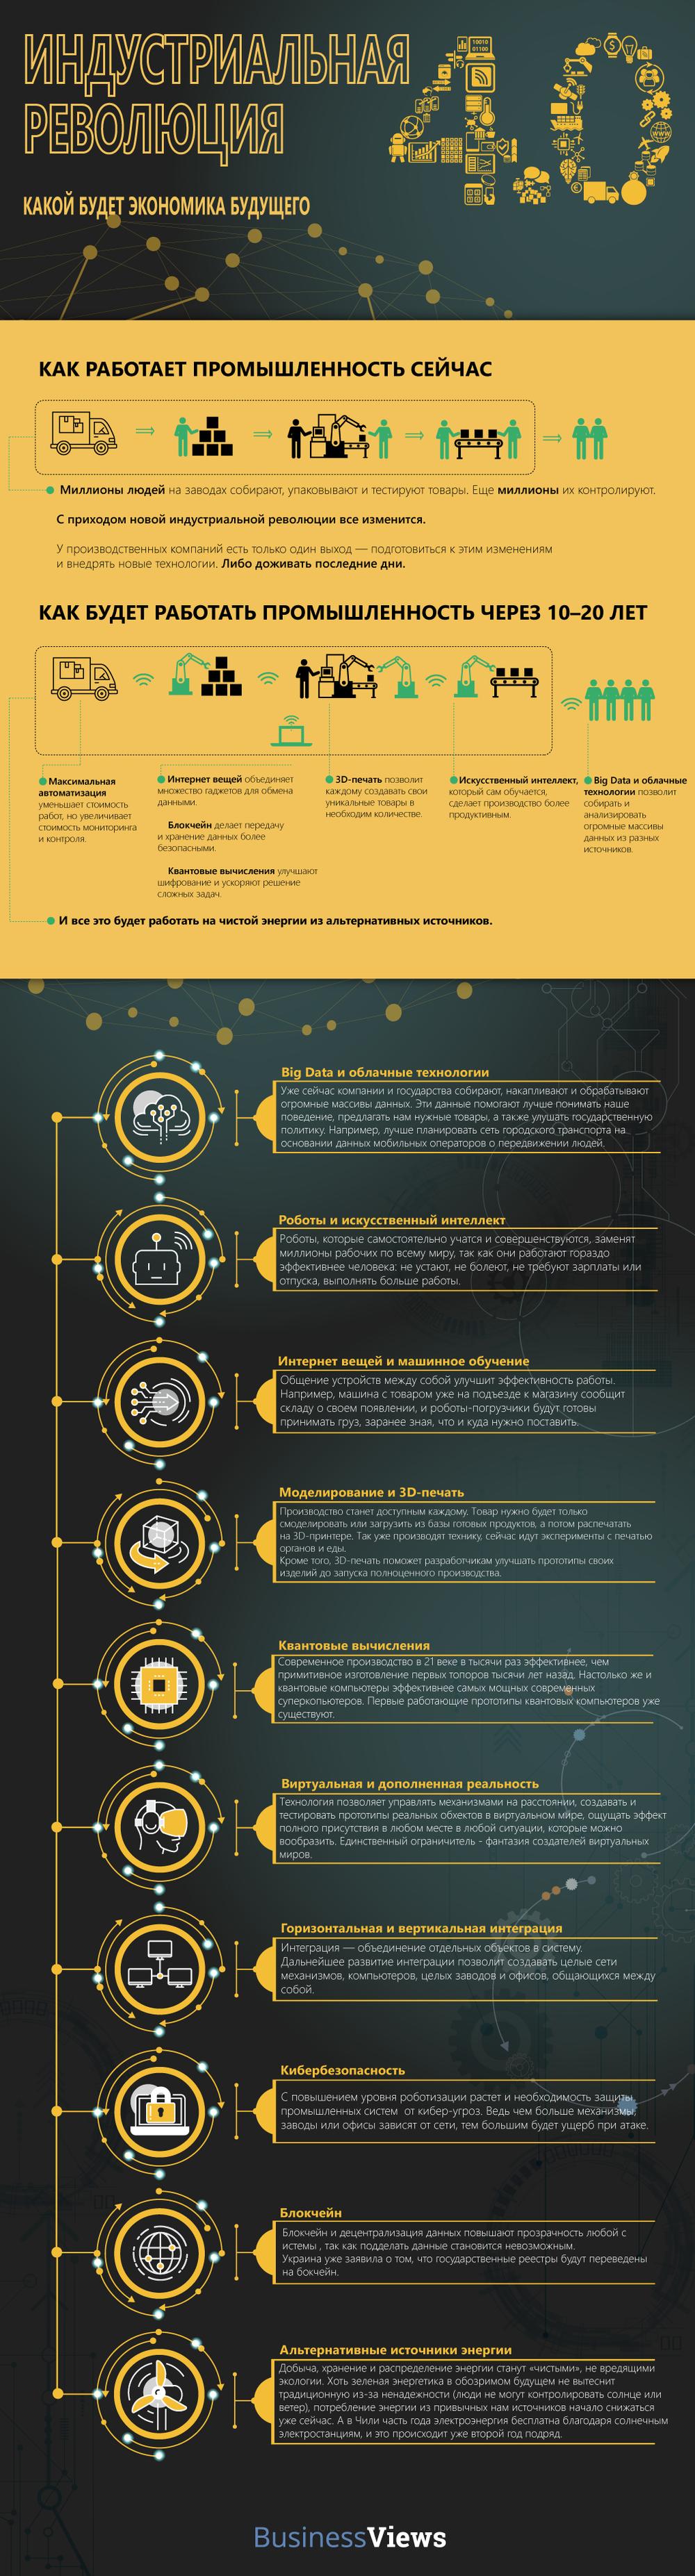 Четвертая индустриальная революция инфографика